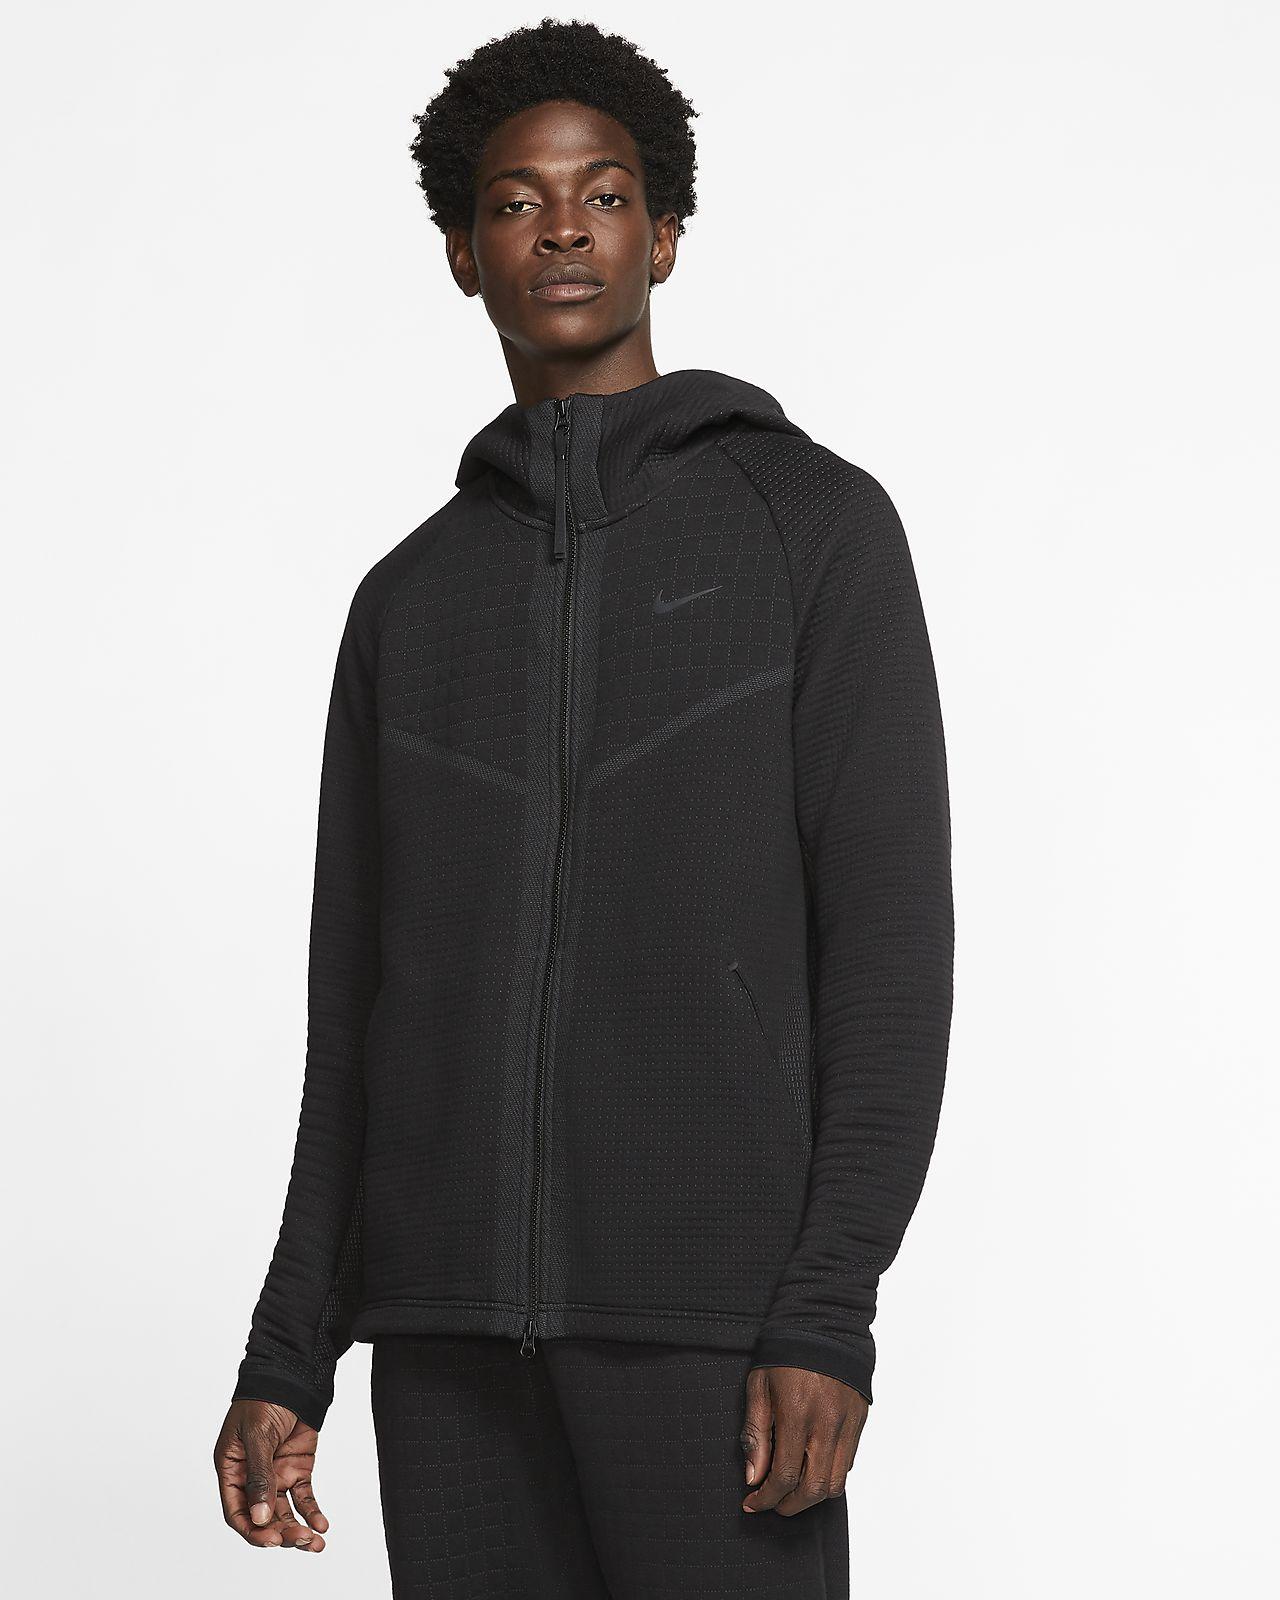 Nike Sportswear Tech Fleece Engineered Herren Hoodie mit durchgehendem Reißverschluss